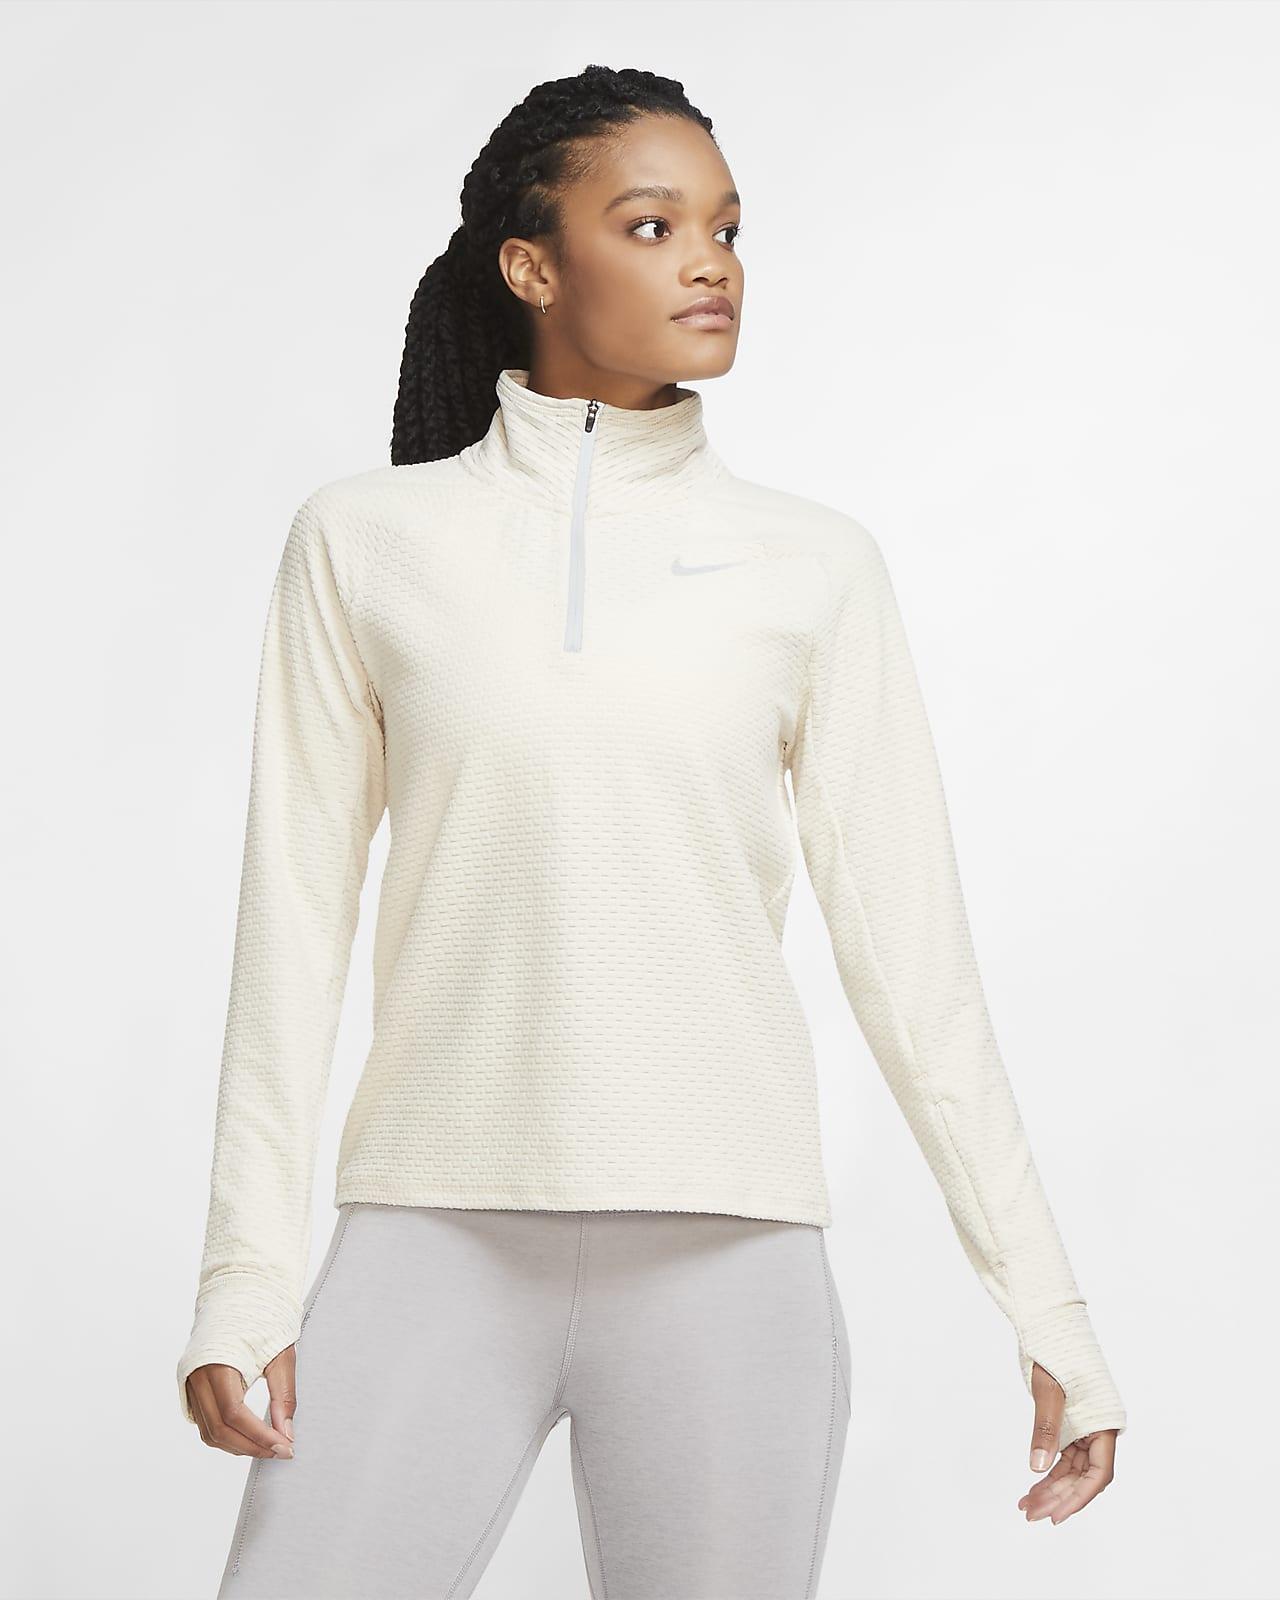 Nike Sphere Women's 1/2-Zip Running Top